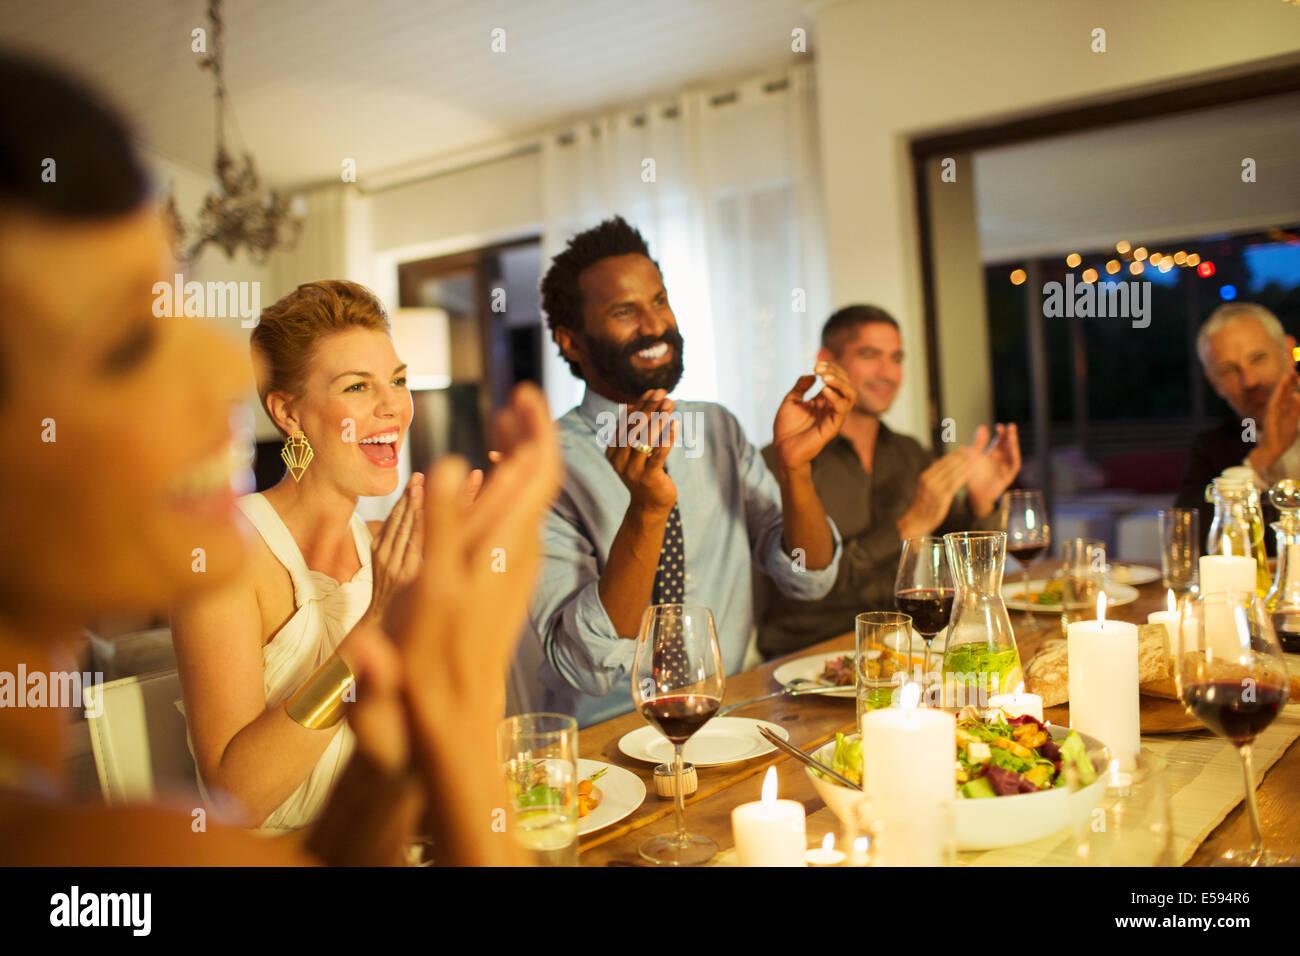 Amigos vitoreando en cena Imagen De Stock